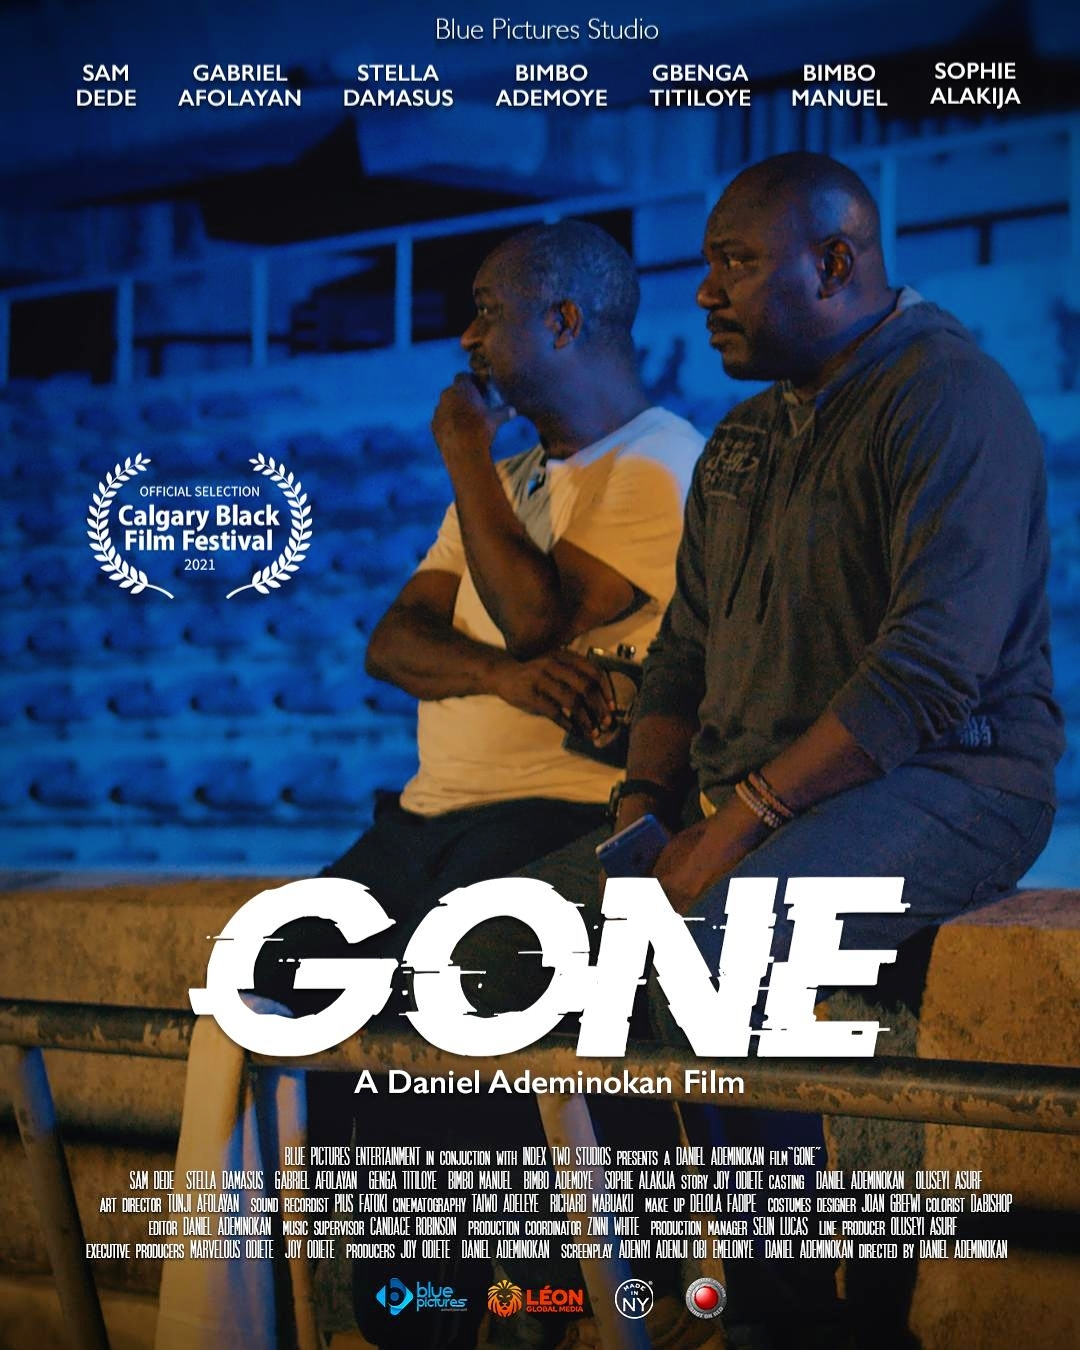 """Daniel Ademinokan's feature film """"Gone"""" selected to screen at Calgary Black Film Festival"""